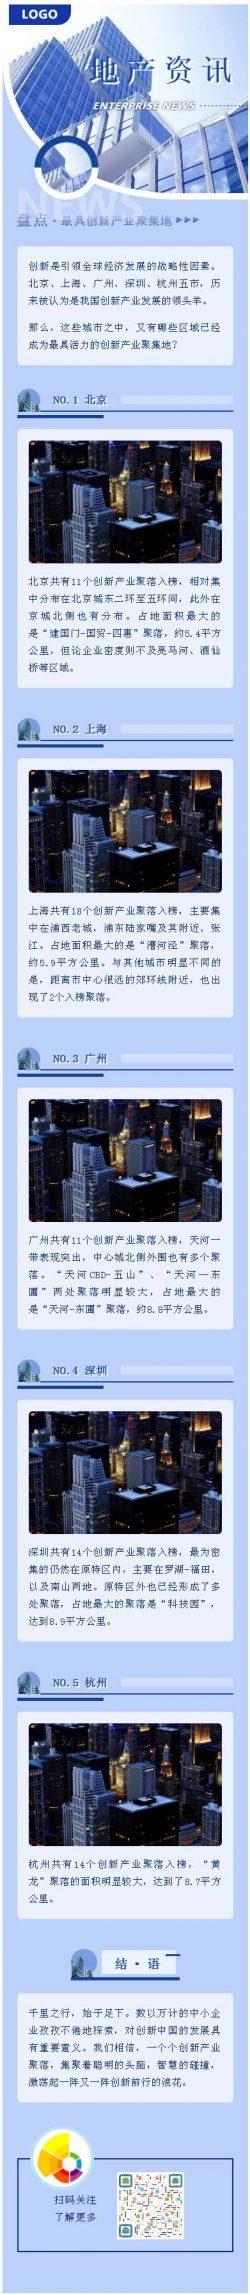 房地产资讯蓝色风格建筑商品房微信公众号推送素材推文模板